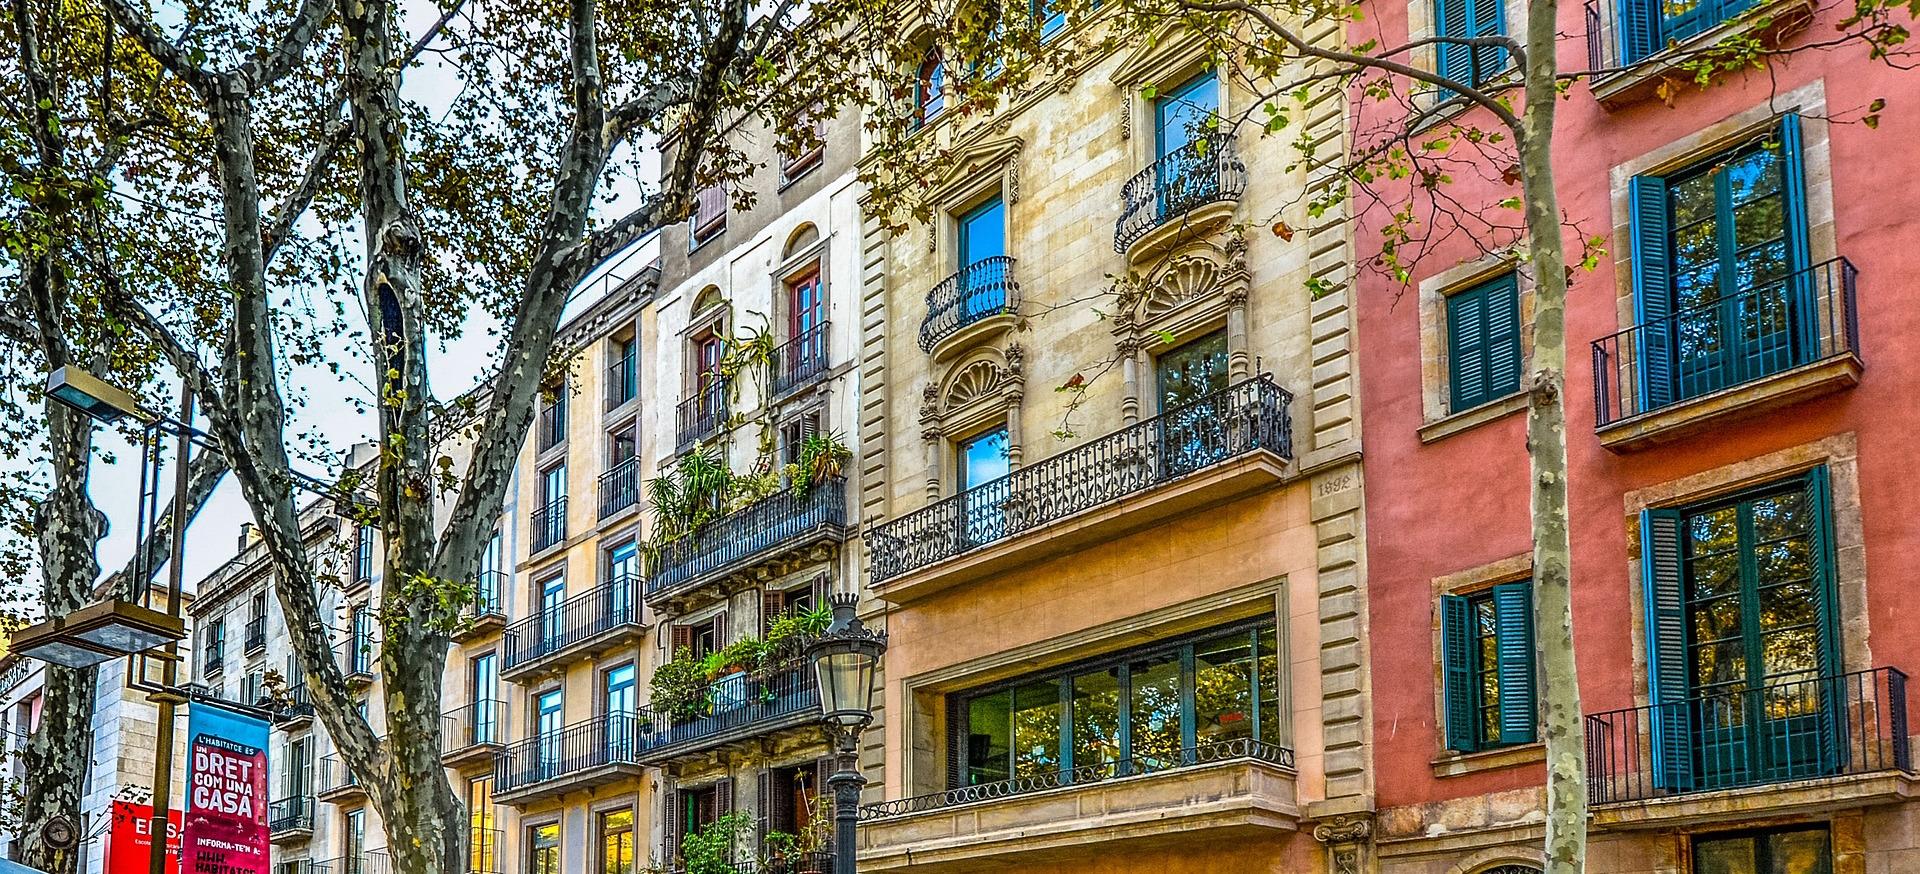 Lugares Recomendados En El Barrio De Sant Antoni Barcelona